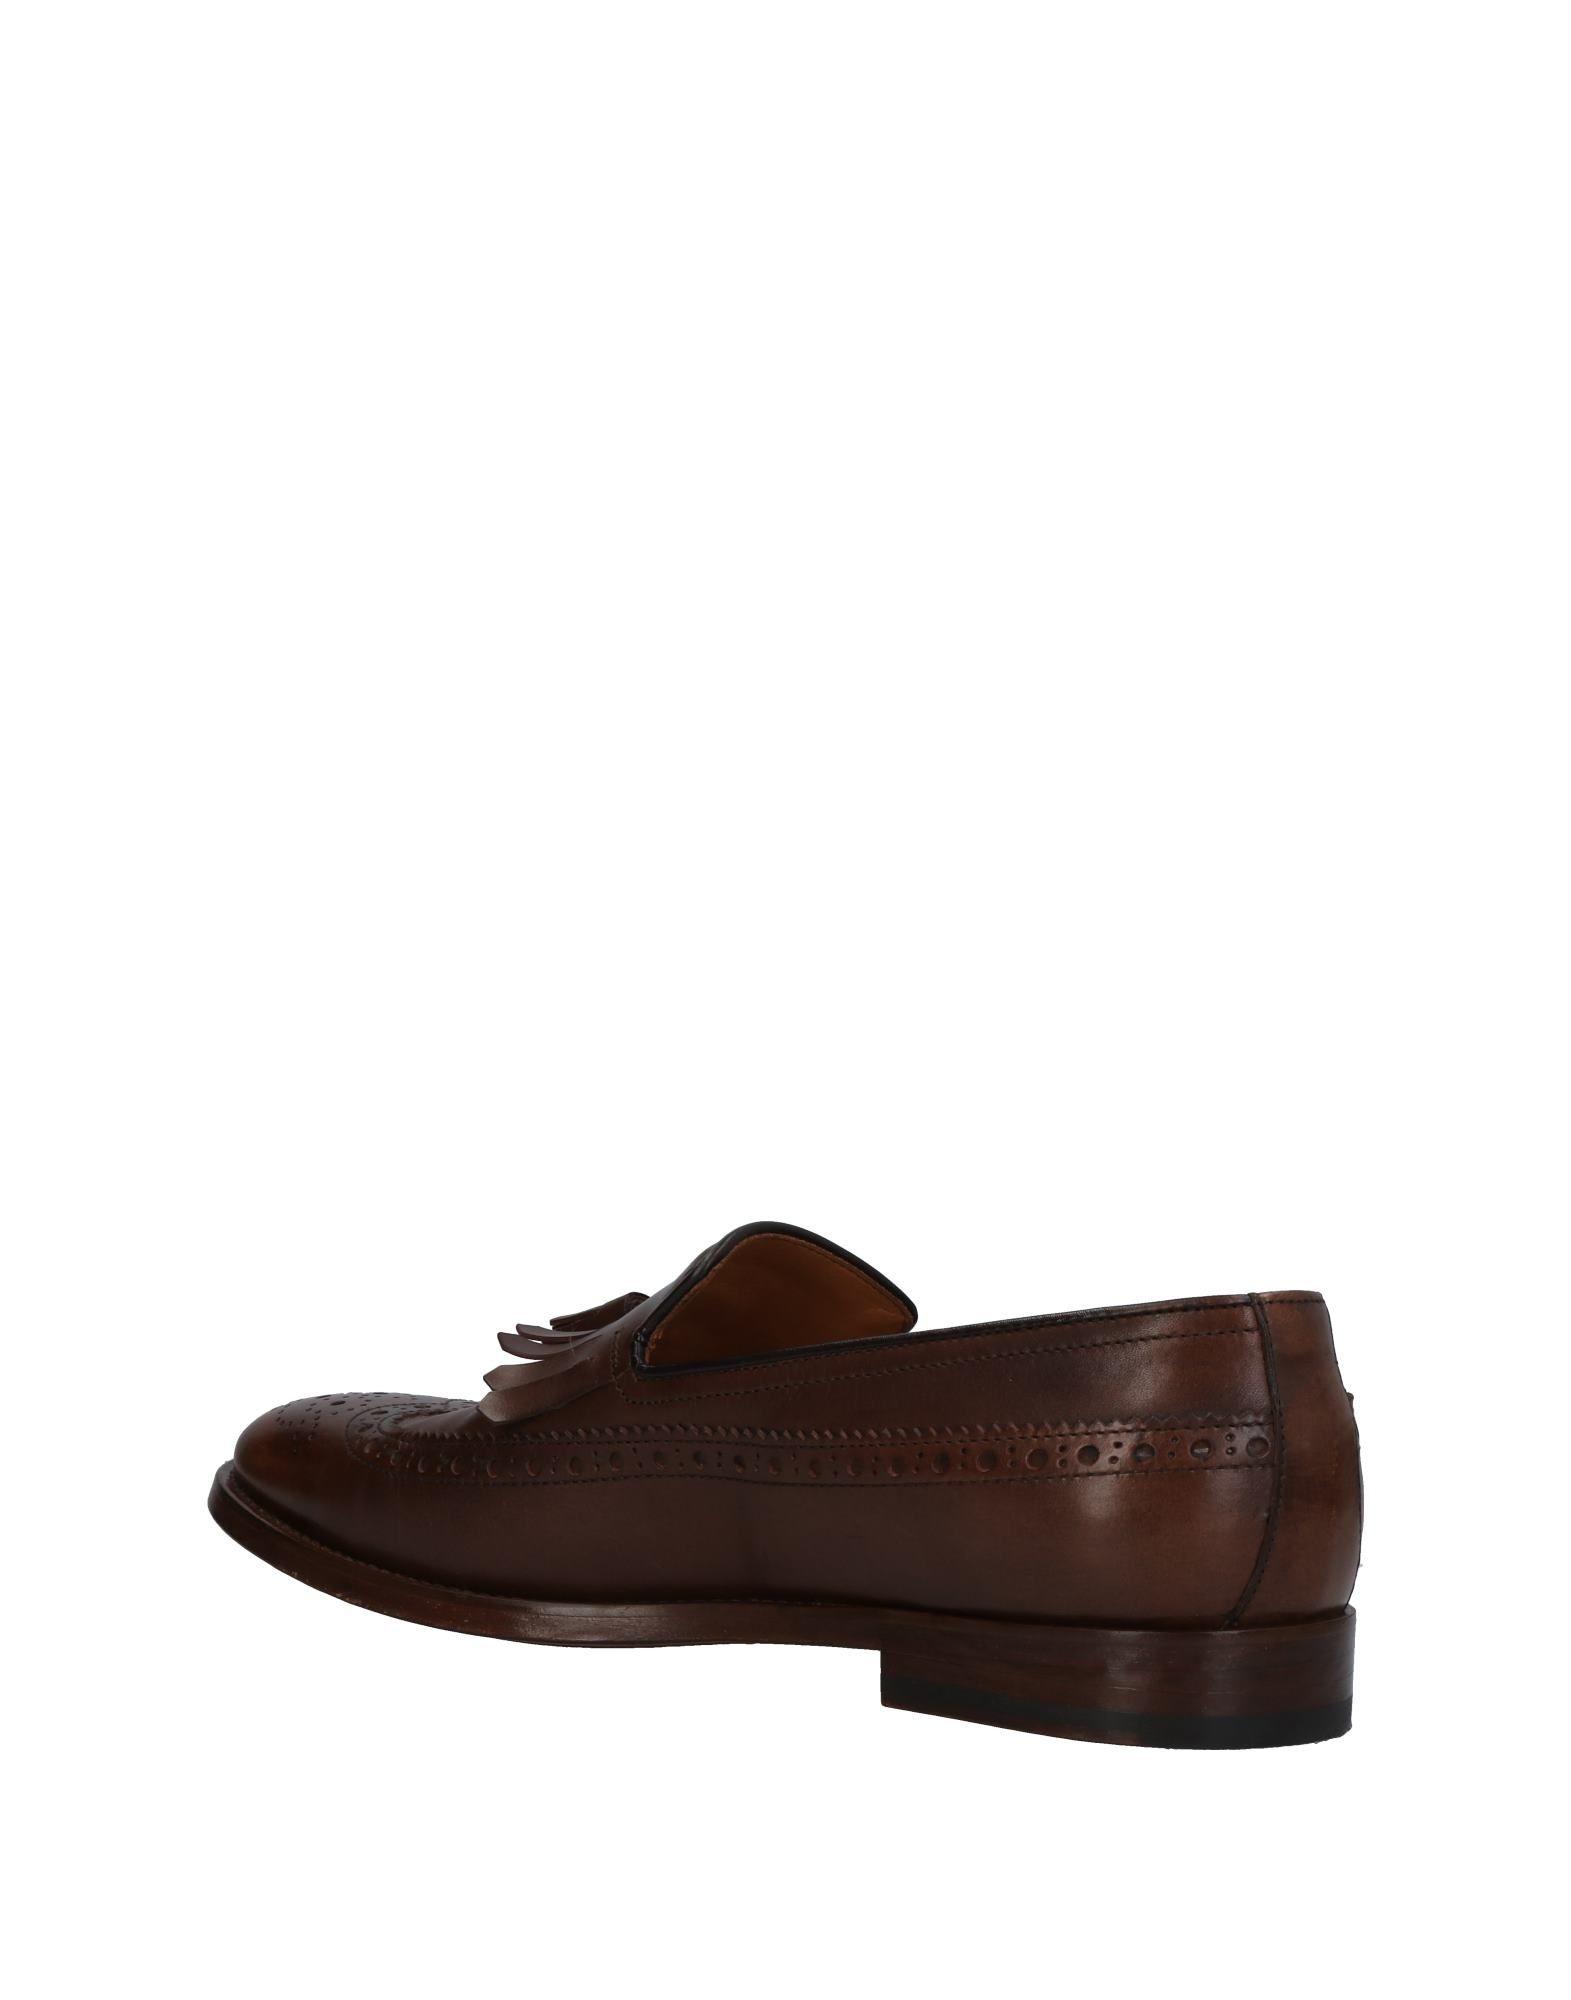 Doucal's Gute Mokassins Herren  11455493OG Gute Doucal's Qualität beliebte Schuhe c8f909